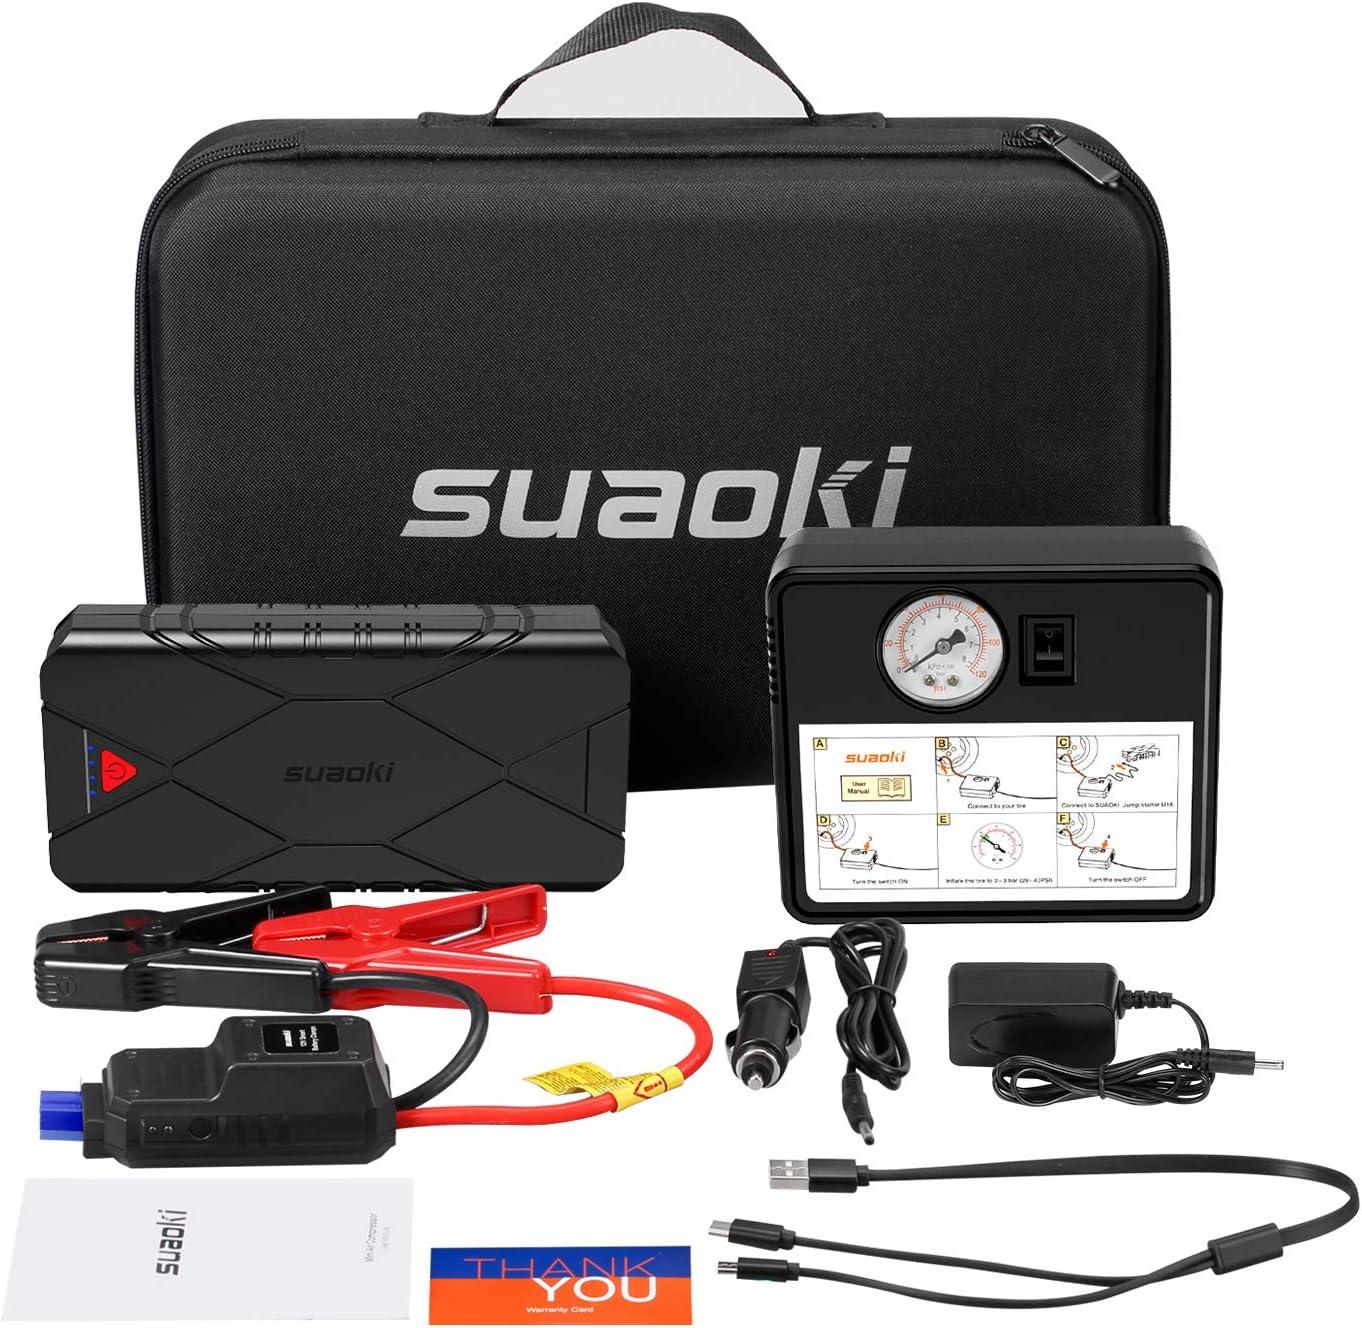 SUAOKI U18Plus Arrancador de coche 1200A, 16000mAh con Compresor aire portátil 120psi, tipo C, carga rápida USB3.0 linterna LED, hasta 7.5L de gasolina, 6.0L diesel): Amazon.es: Bricolaje y herramientas